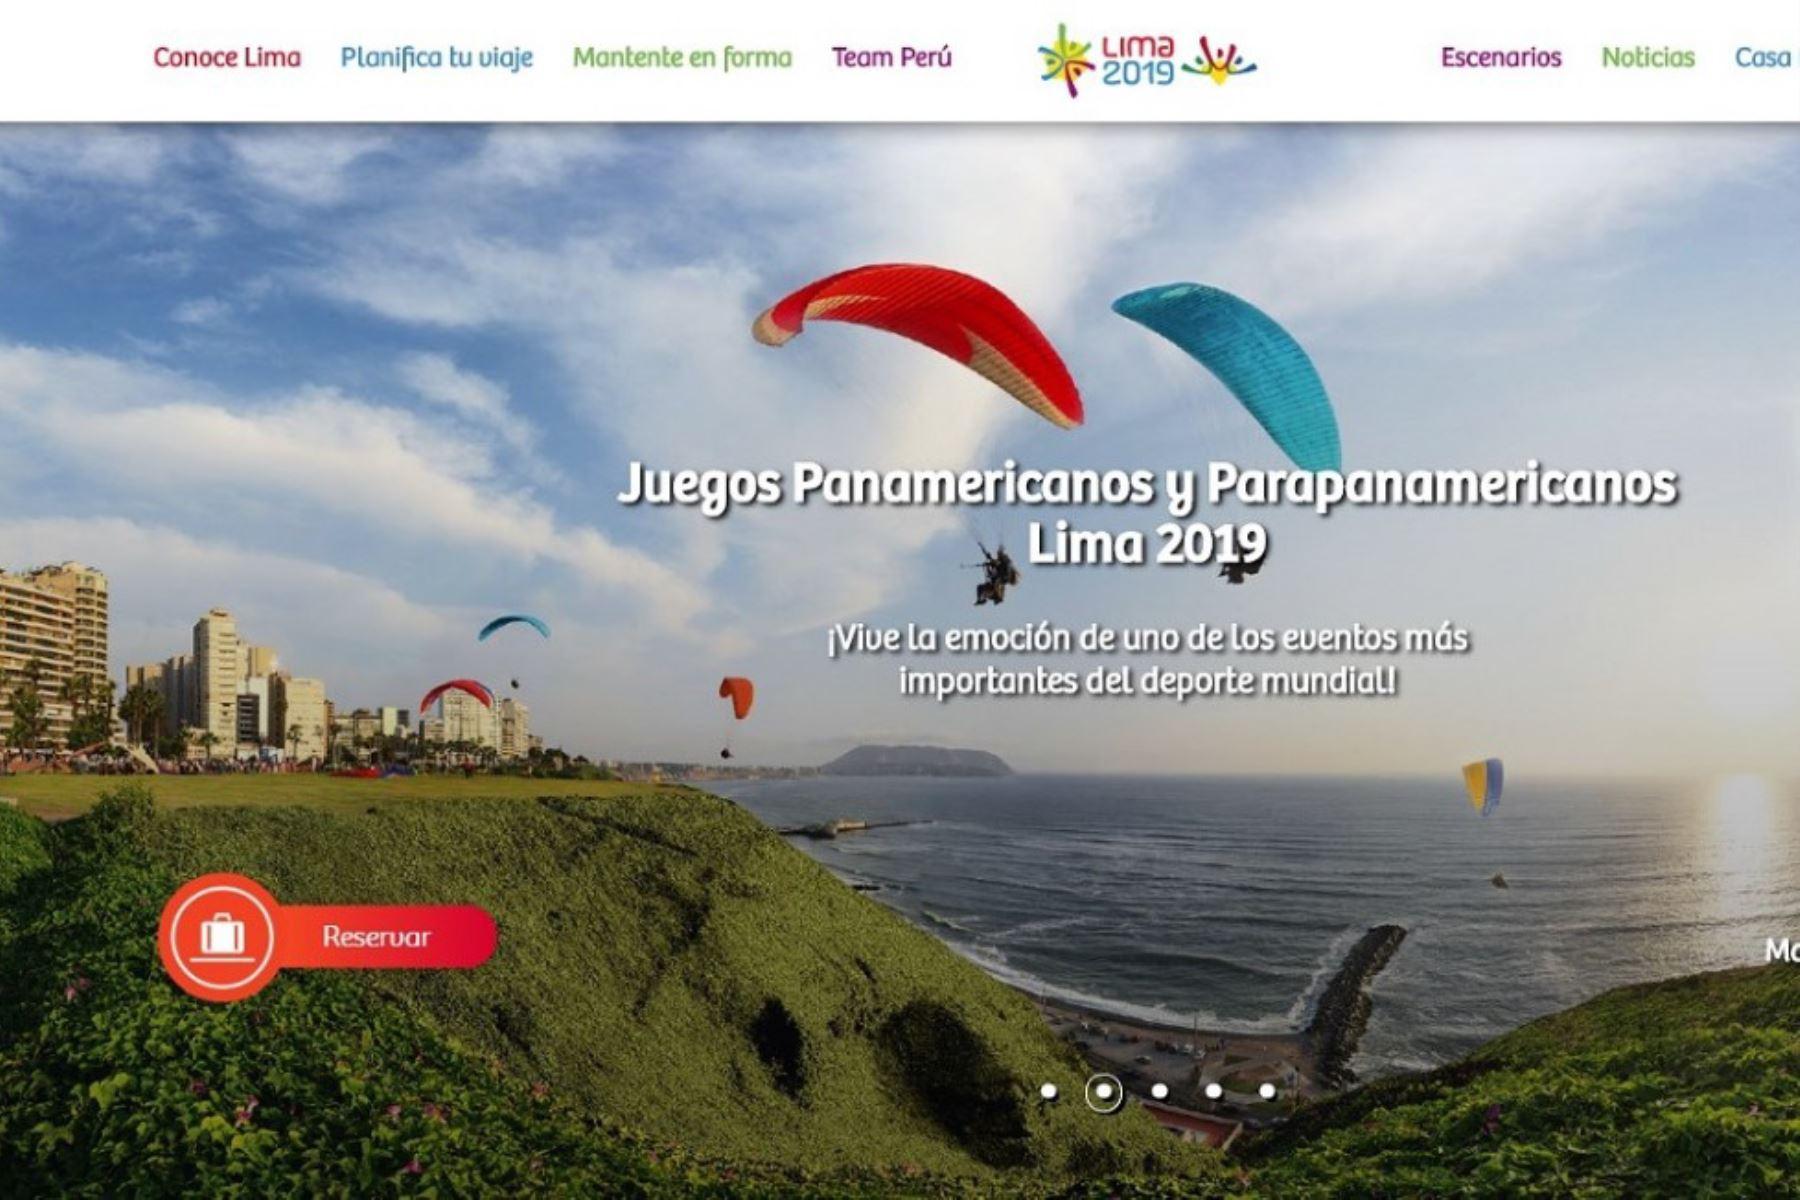 Panamericanos Lima 2019: Promperú presenta web con ofertas de viaje para visitar el Perú